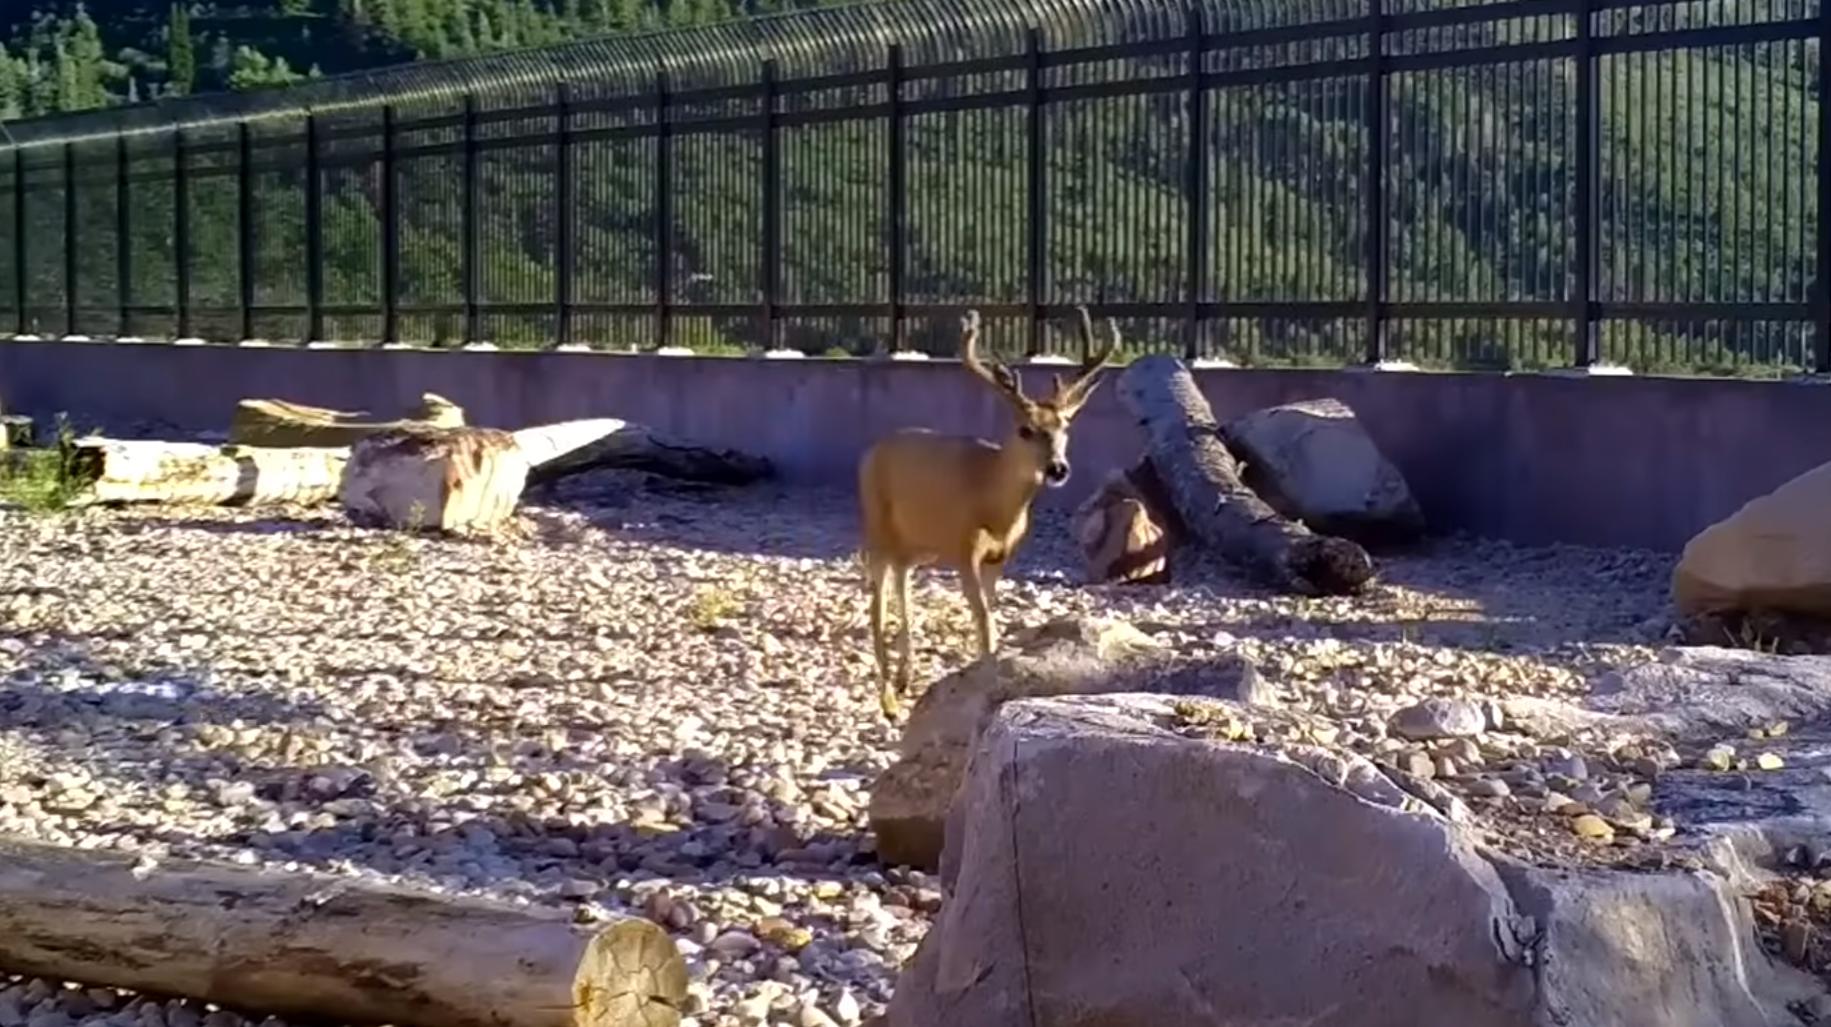 [VIDEO] Primer dobre prakse: Ljudje in živali lahko sobivajo v sožitju